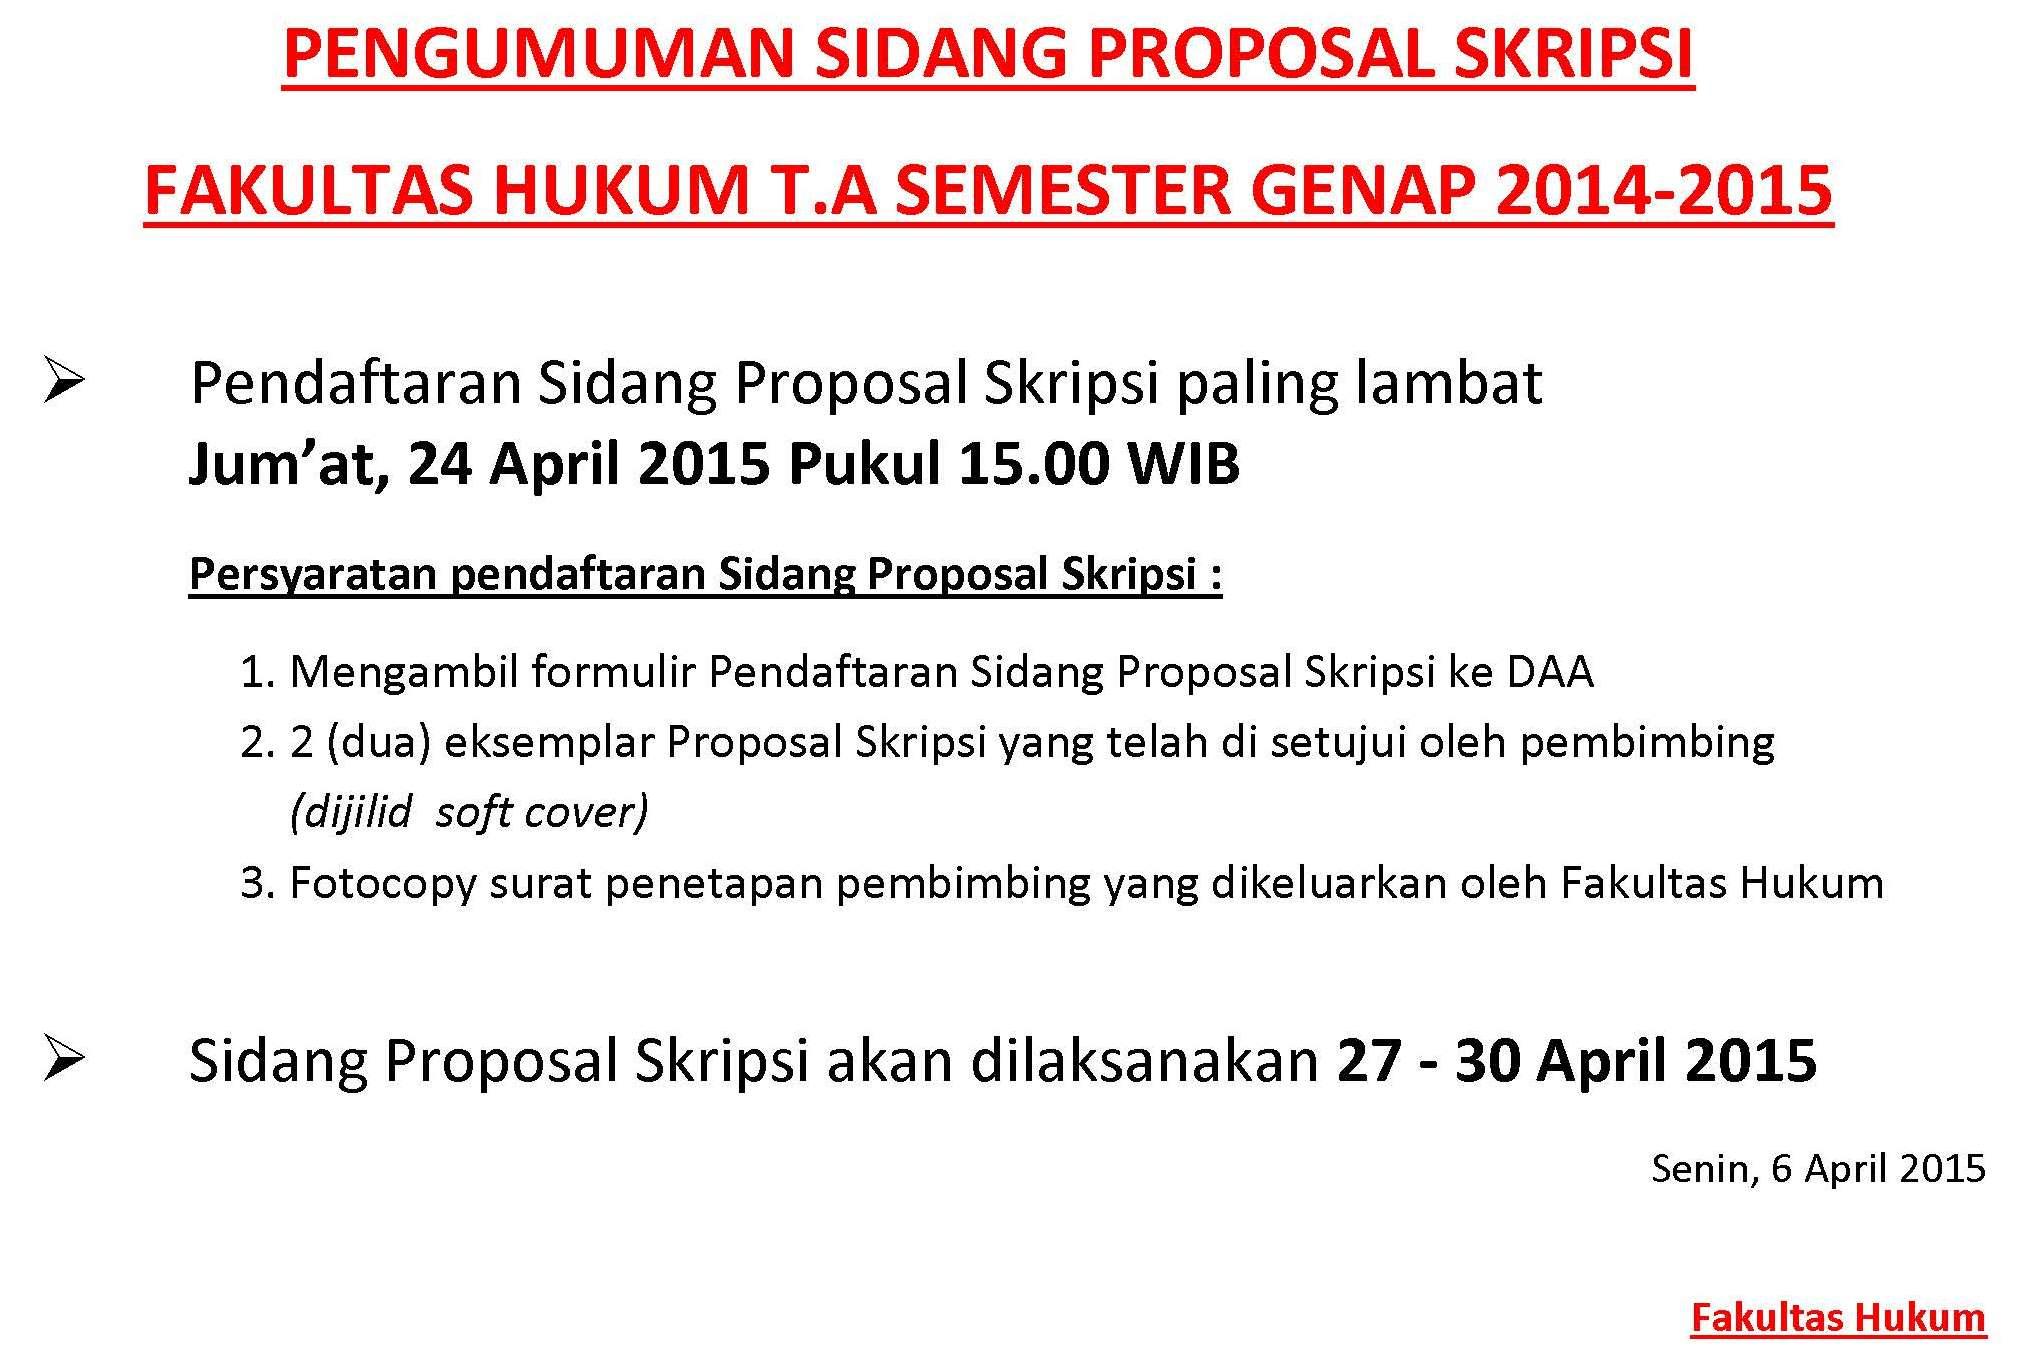 Pengumuman Proposal Skripsi Fakultas Hukum Semester Genap Tahun